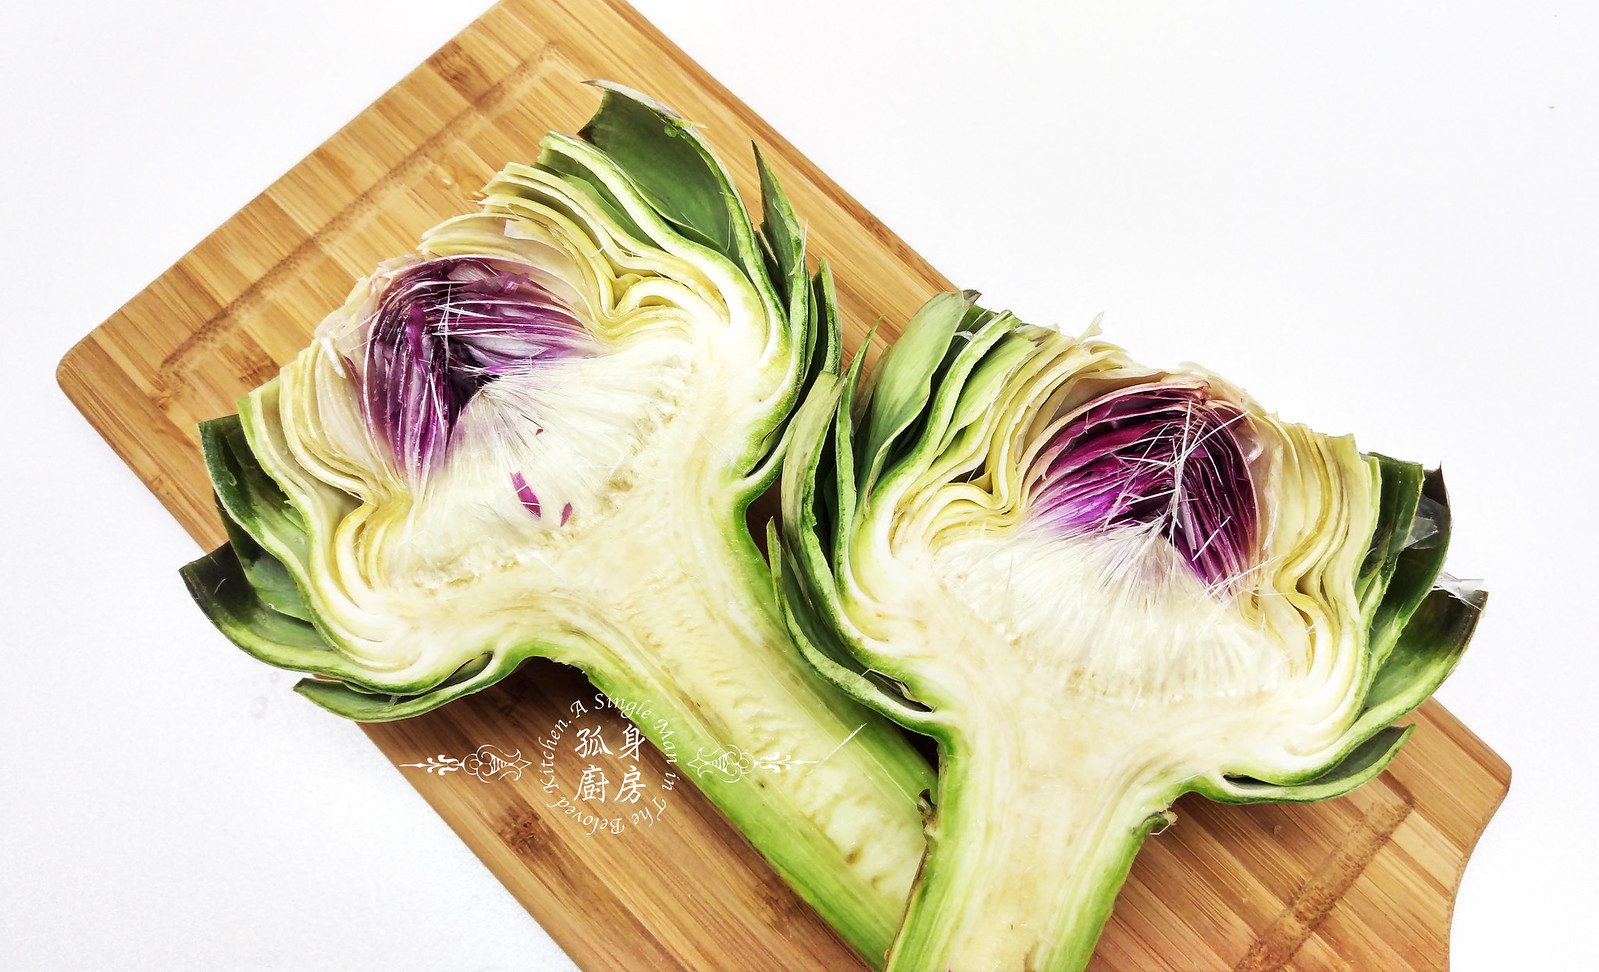 孤身廚房-青醬帕瑪森起司鑲烤朝鮮薊佐簡易油醋蘿蔓沙拉4